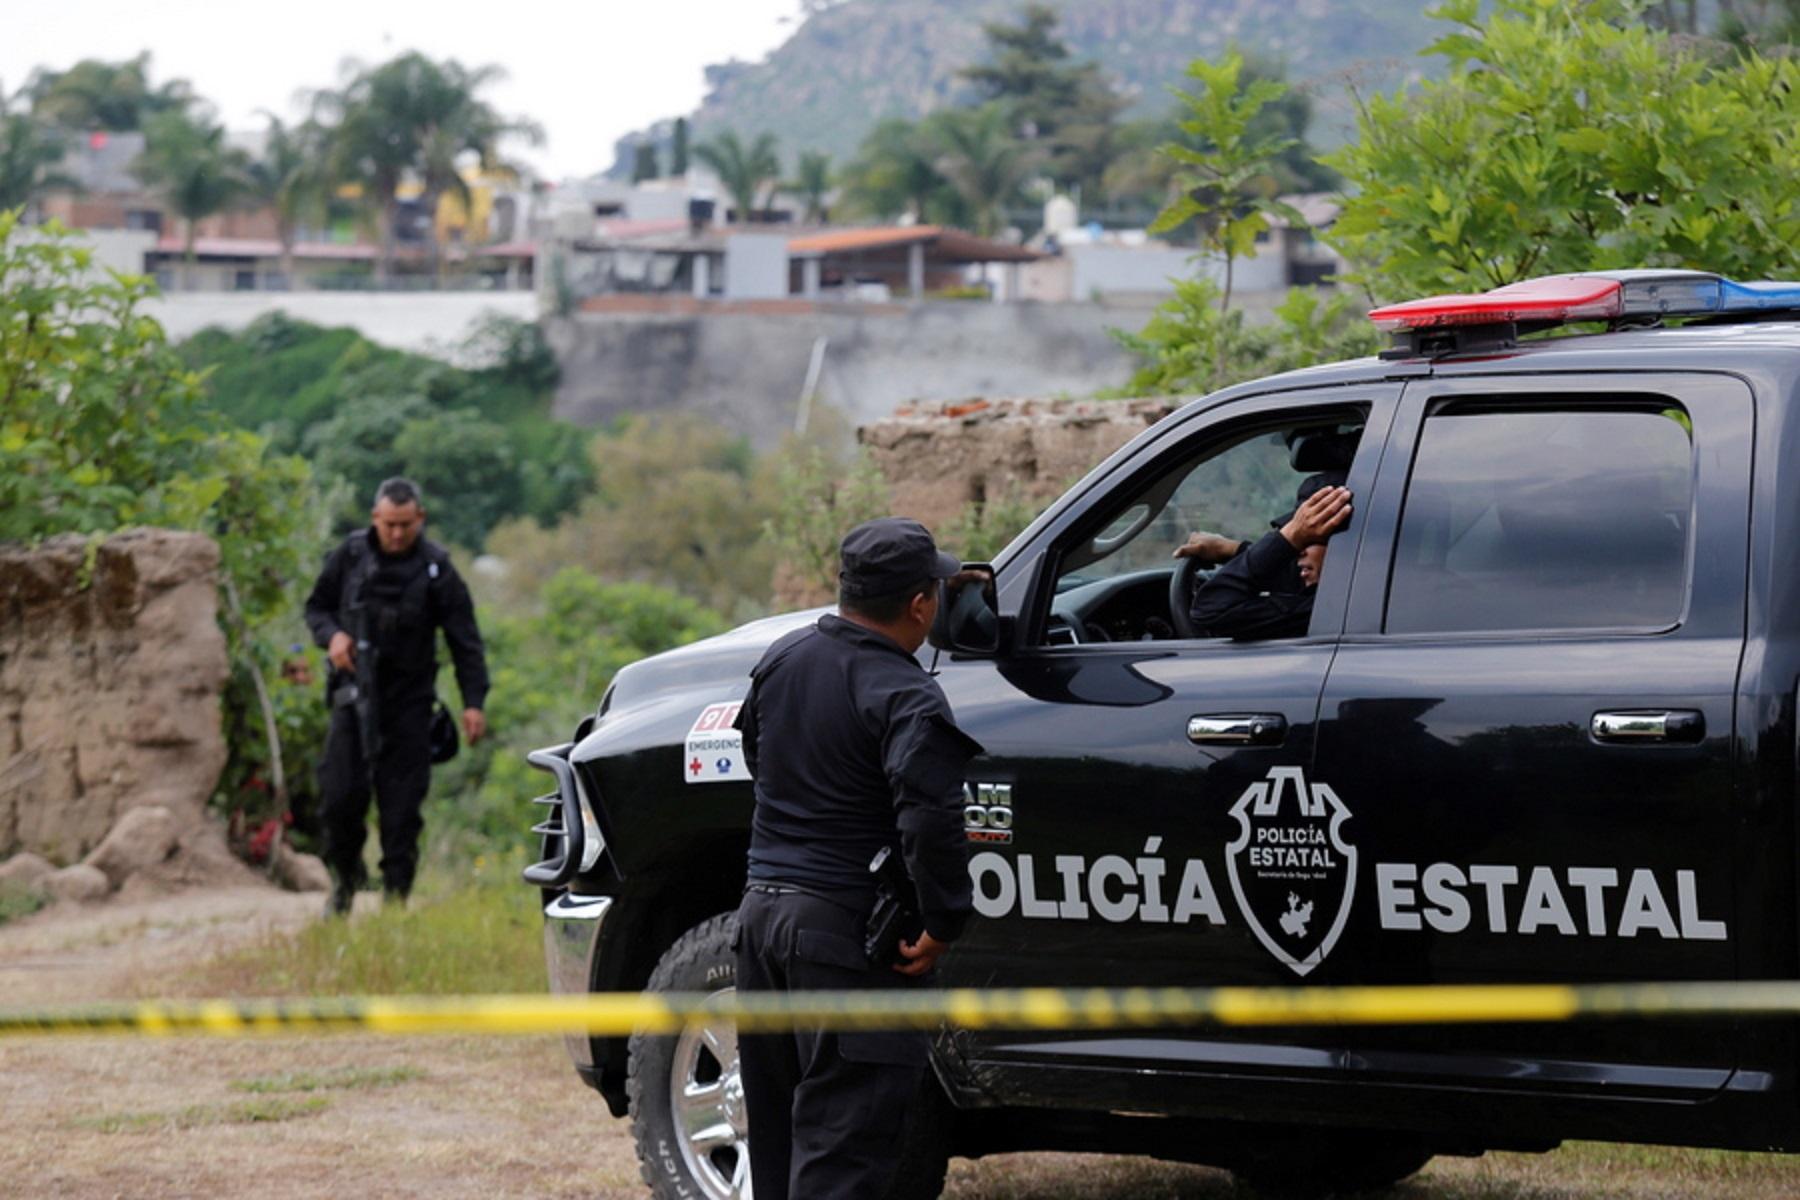 Μακελειό! 14 αστυνομικοί νεκροί σε ενέδρα στο Μεξικό